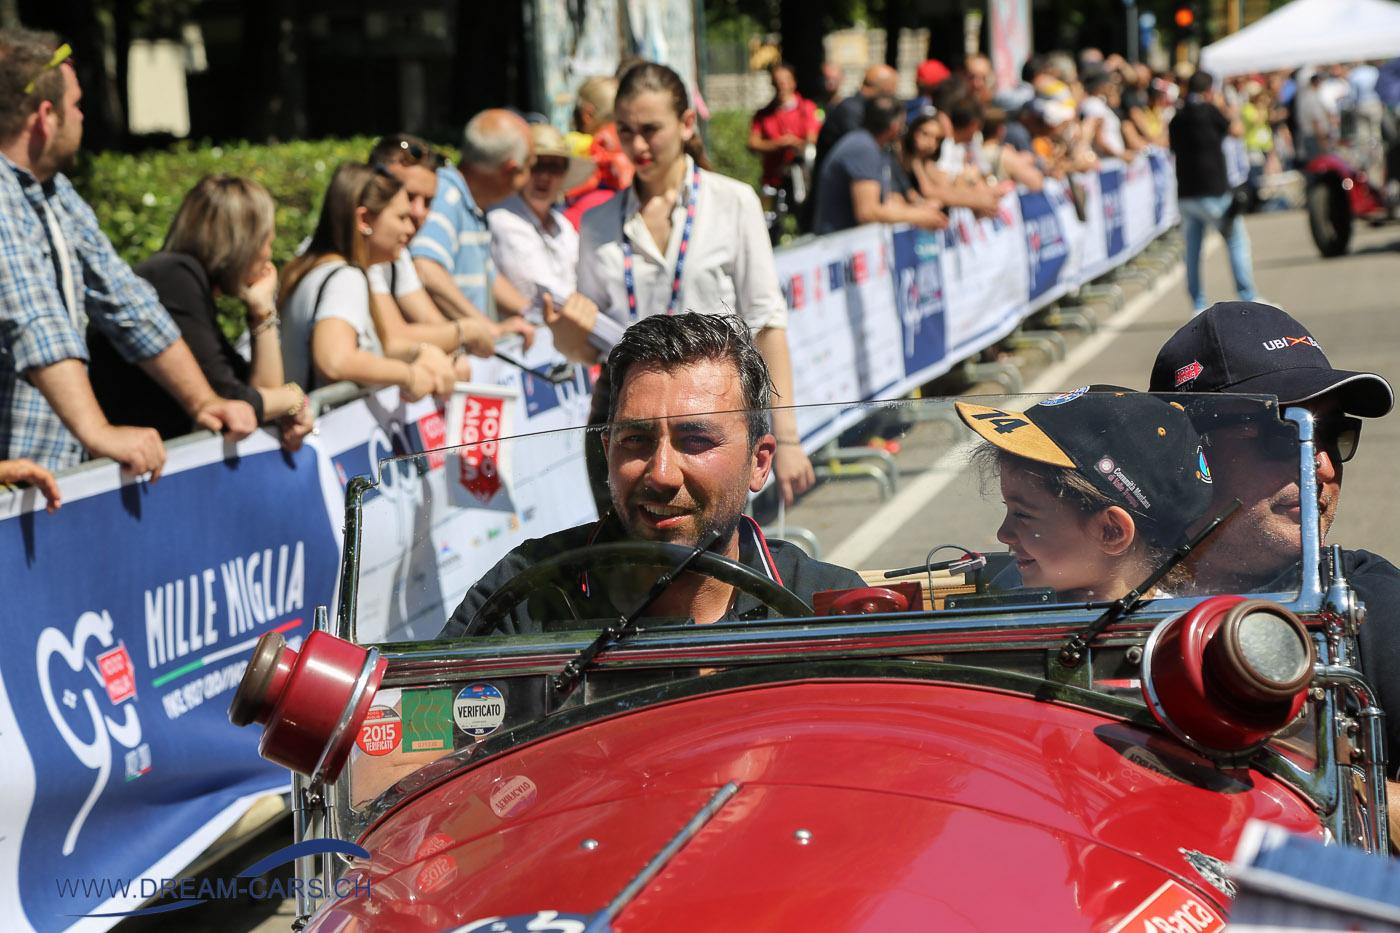 Mille Miglia 2017, 4. Tag, Etappe Parma - Brescia. Das Siegerteam Andrea Vesco und Andrea Guerini auf Alfa Romeo 6C 1750 Gran Sport von 1931